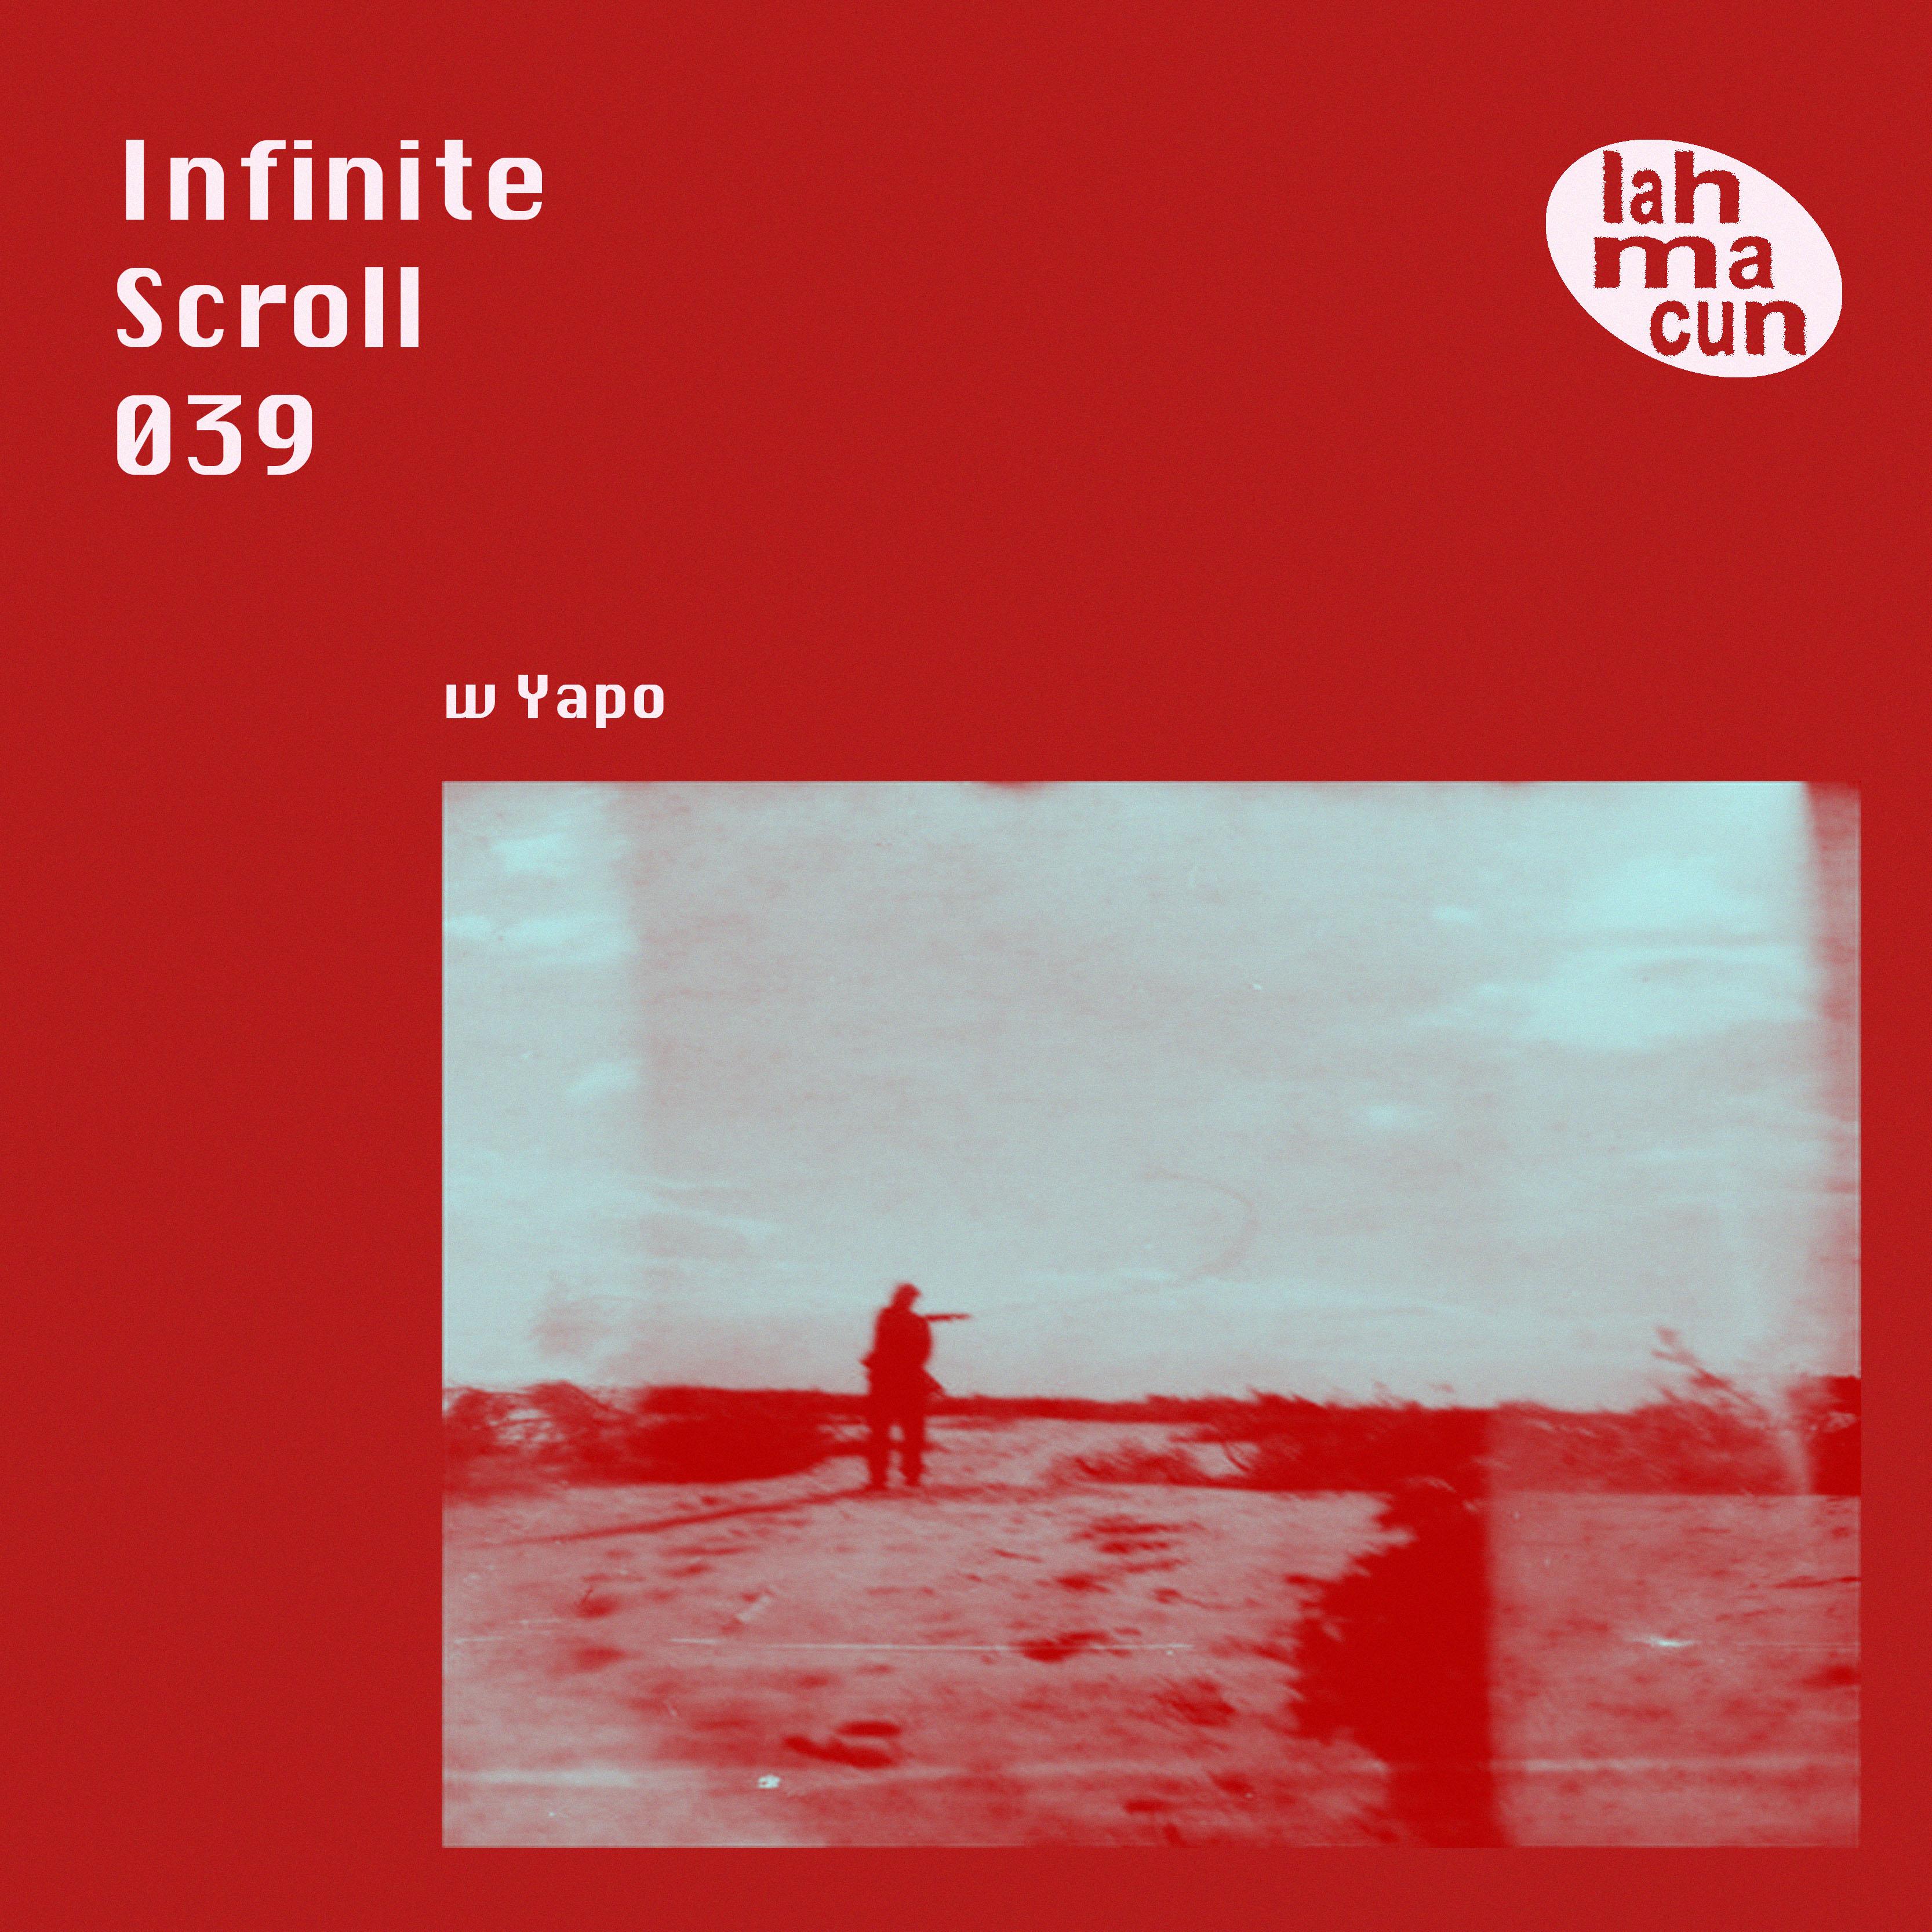 039 w Yapo